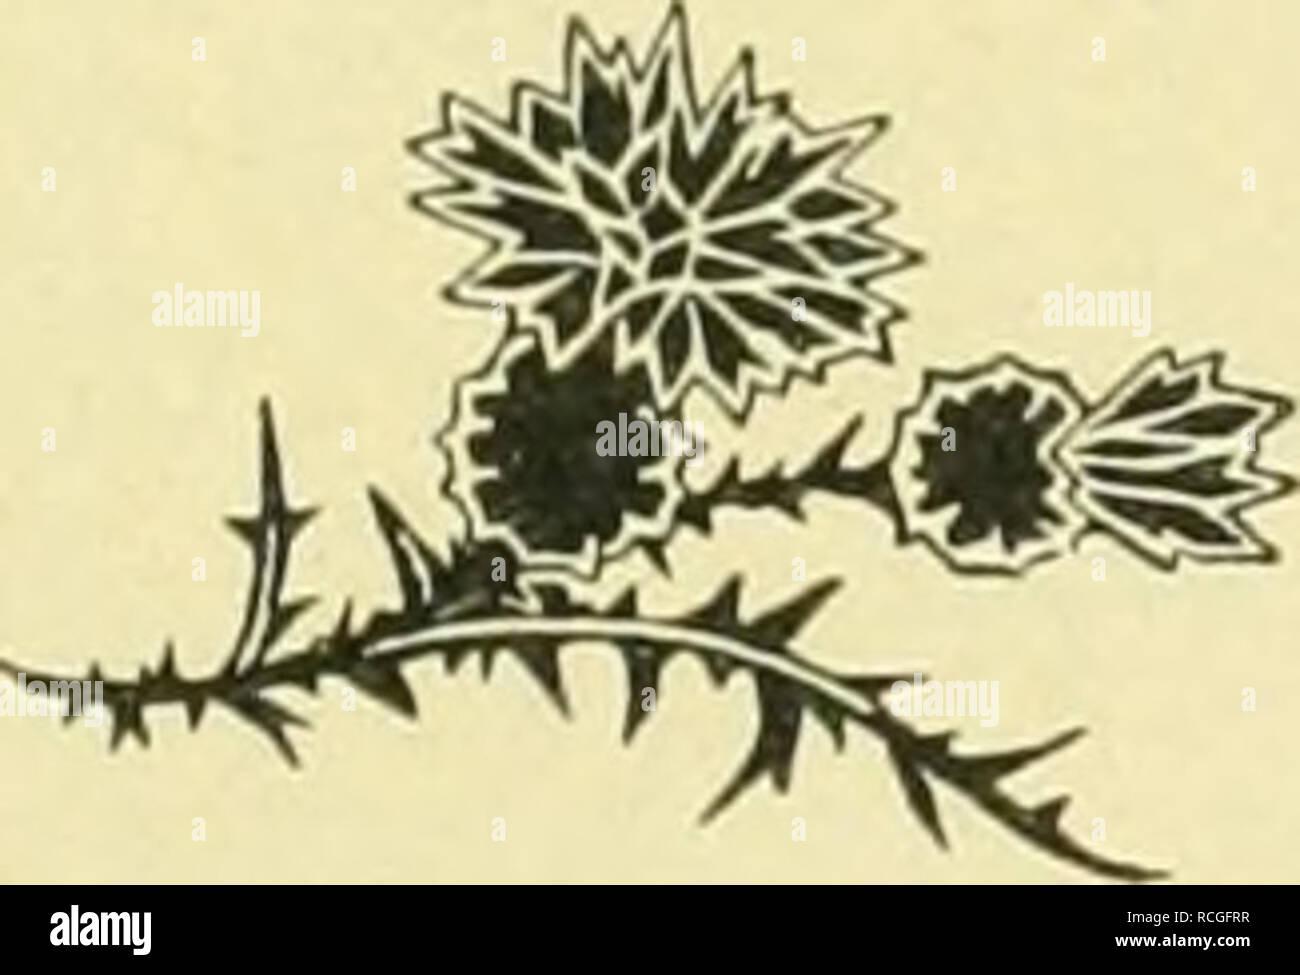 . Die Pusztenflora der grossen ungarischen Tiefebene. Plants; Plains. oder Kreuzdorngewächse: Paliurus aculeatus Lam., eine Zaun- reben-Art: Ampelopsis quinquefolia Mich., die aus Nordamerika stammt und als Kletterstrauch an Spalieren, Gittern und Mauern Verwendung findet. Von Nordamerika her hat sich ferner der Kermesbeerenstrauch (Plytolacca decandra L.) über Spa- nien und Norditalien und ganz Europa verbreitet und auch in die Gärten der Pufzten verirrt. Hin und wieder sieht man auch unter den Fruchtbäumen der Obst- und Weingärten die schwarze und weisse Maul- ])eere (Morus nigra L. — M. al - Stock Image